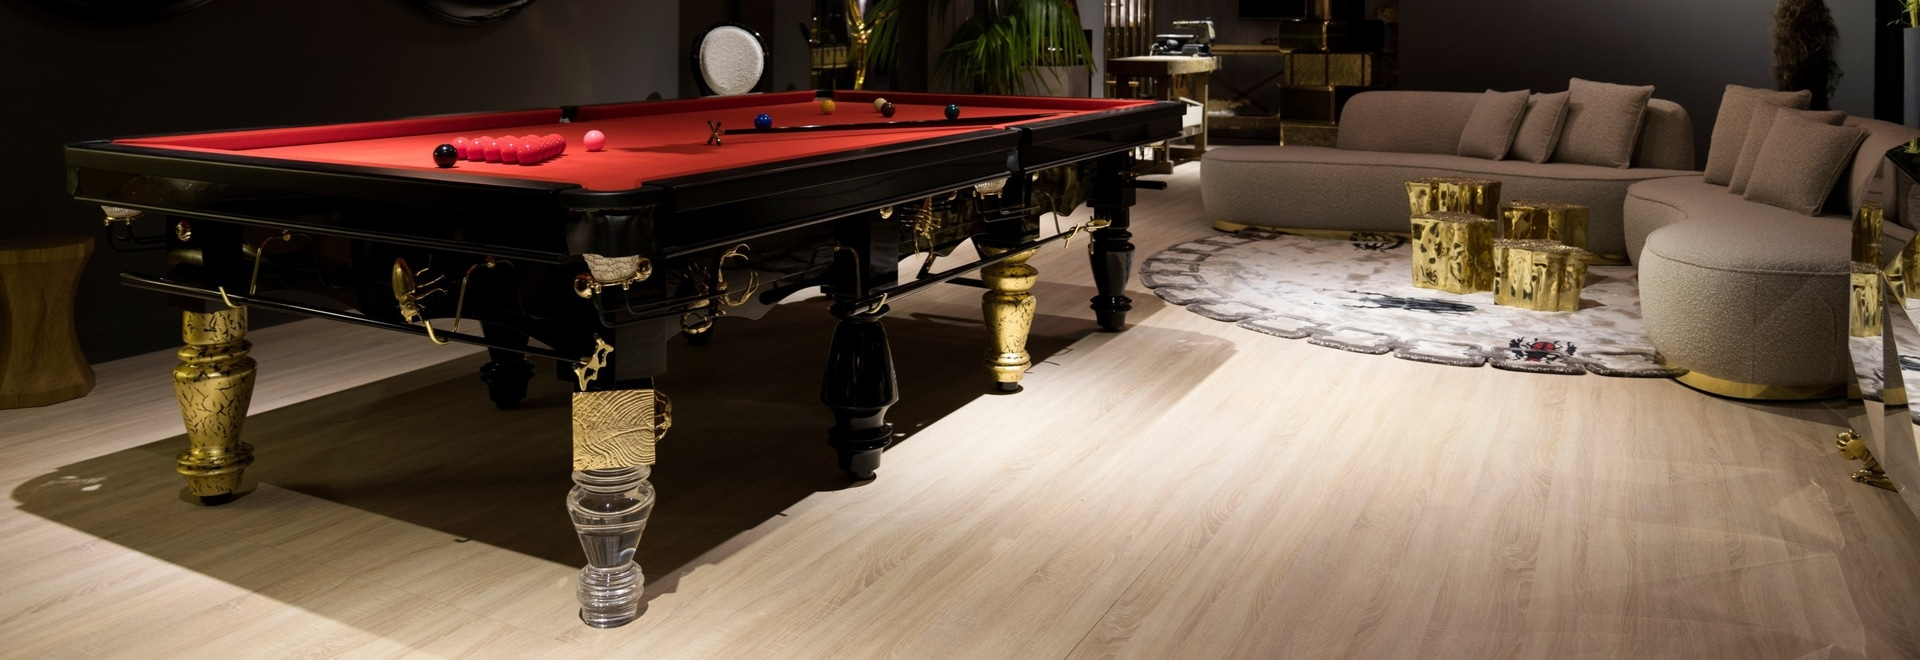 Metamorphosis Snooker Table